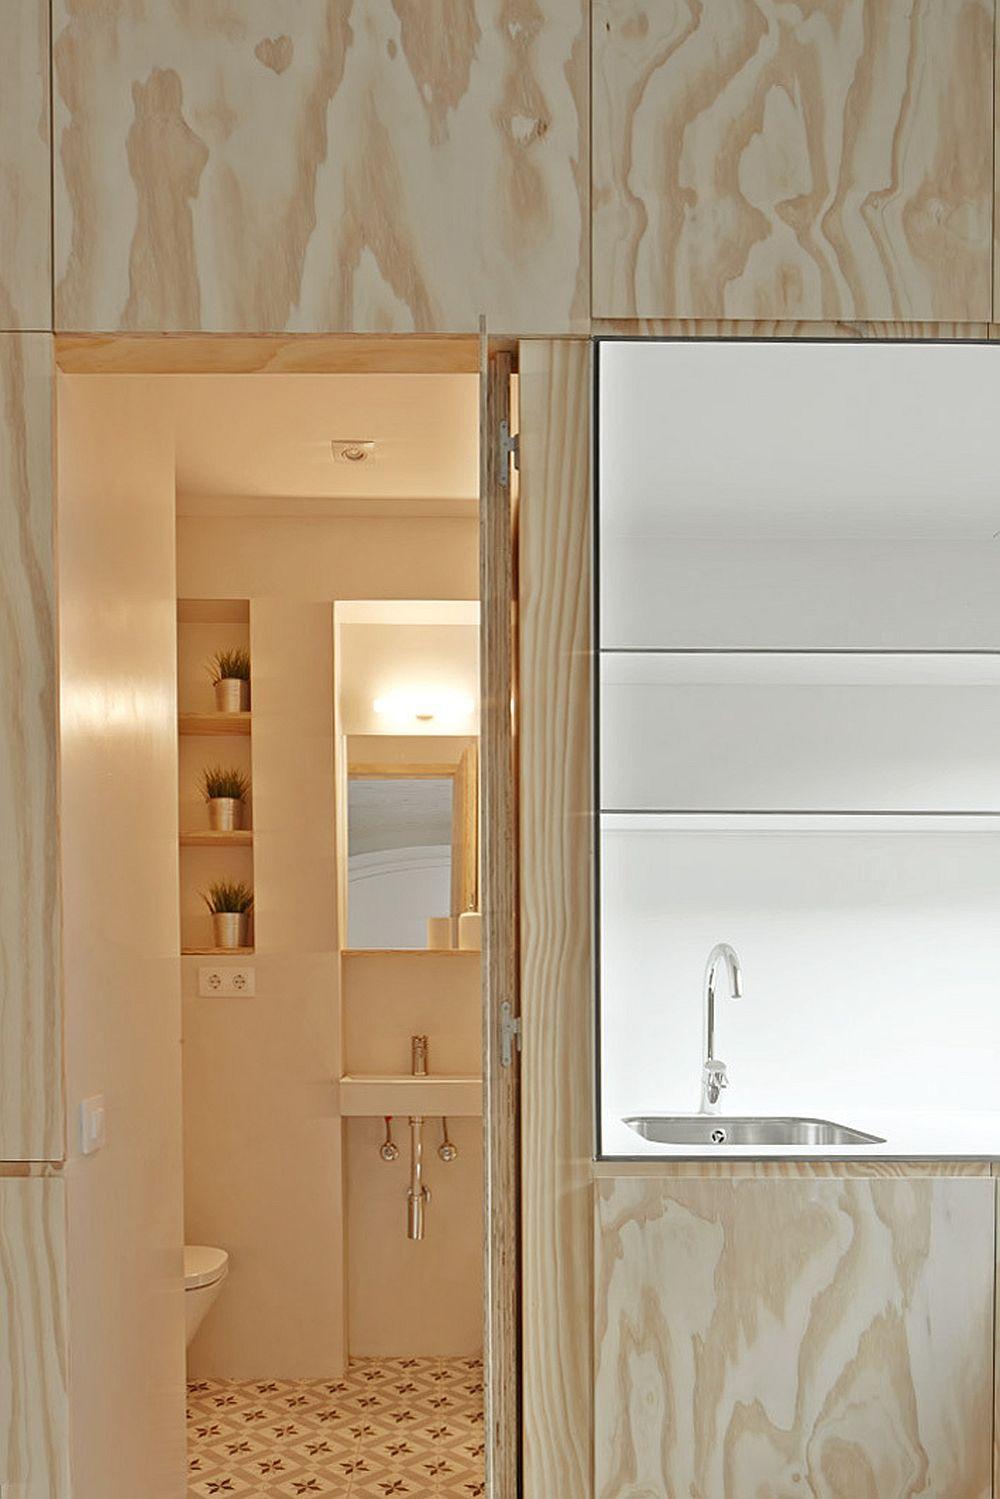 Ușa băii este gândită în continuarea mobilierului pentru bucătărie, ceea ce contează în aspectul ordonat al acestui colț de garsonieră.